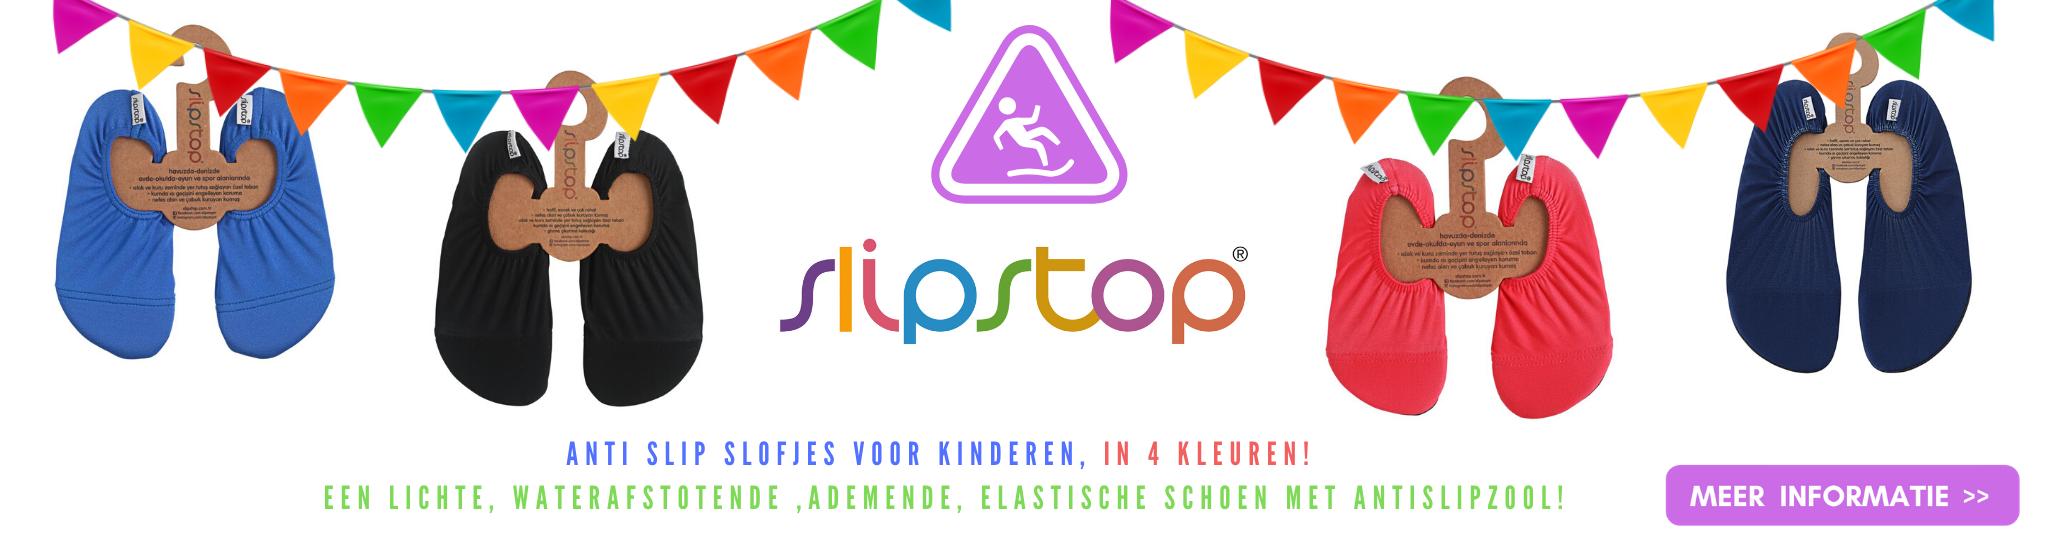 Slipstop Antislip schoentjes voor kinderen